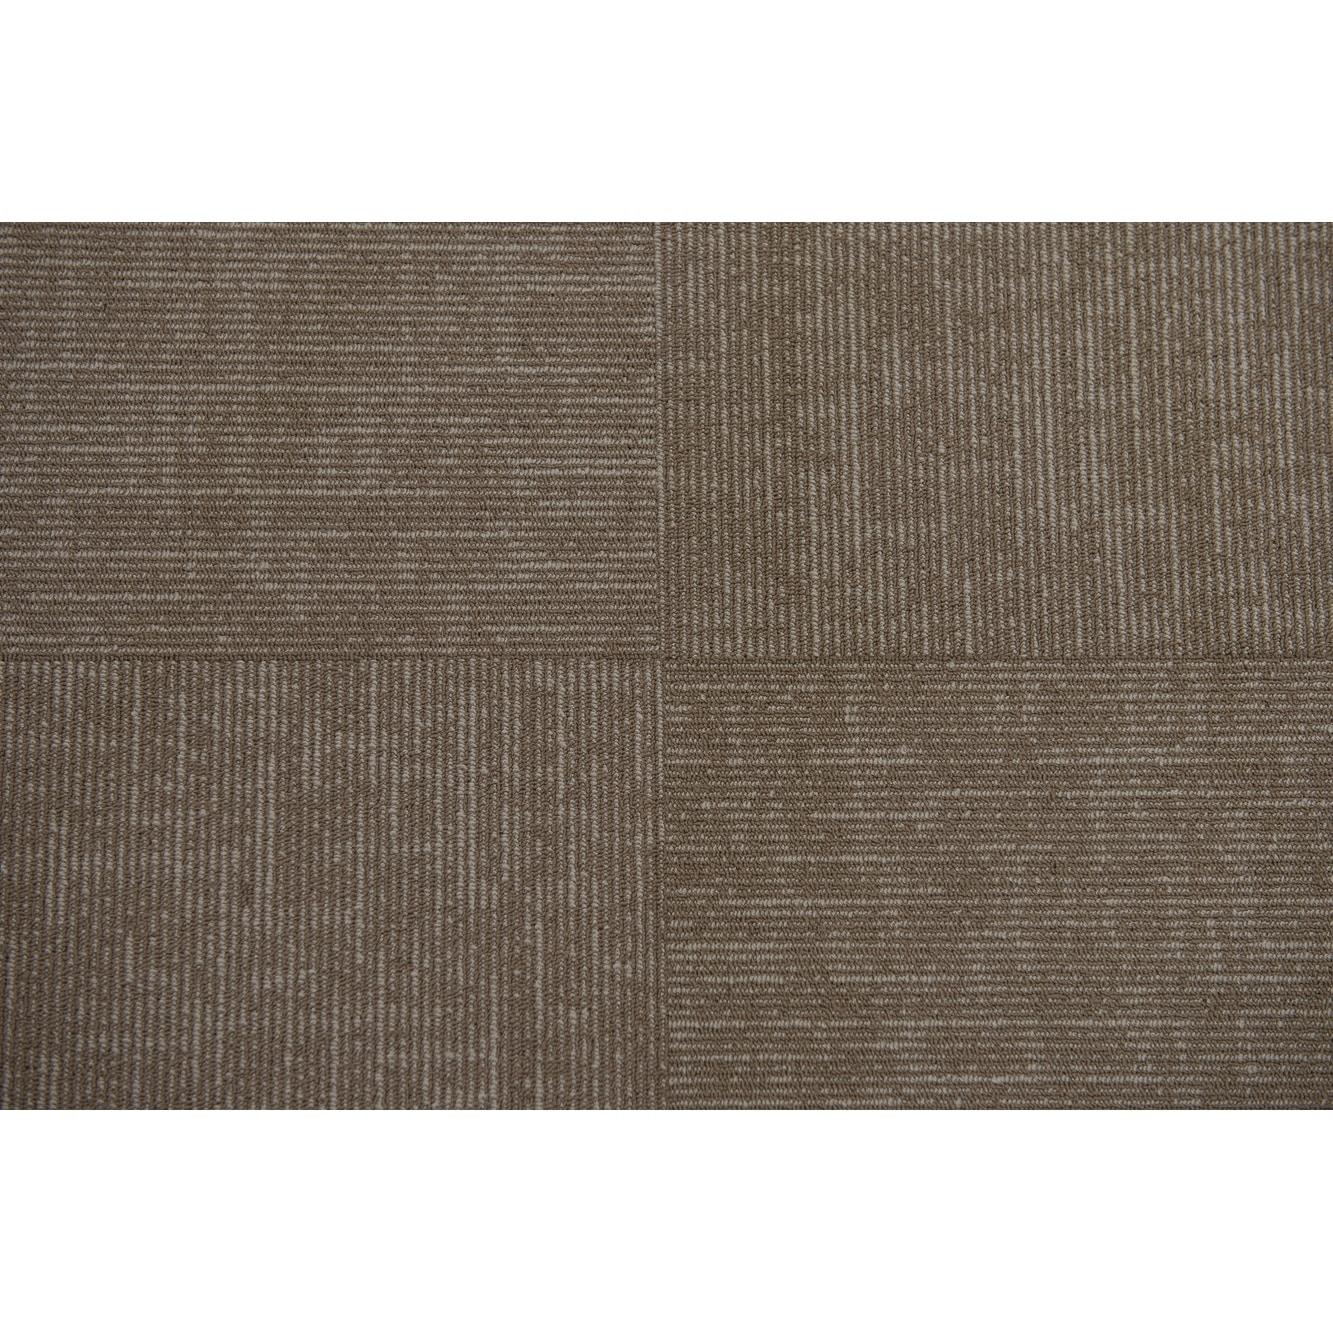 Buy carpet tiles online at overstock our best flooring deals